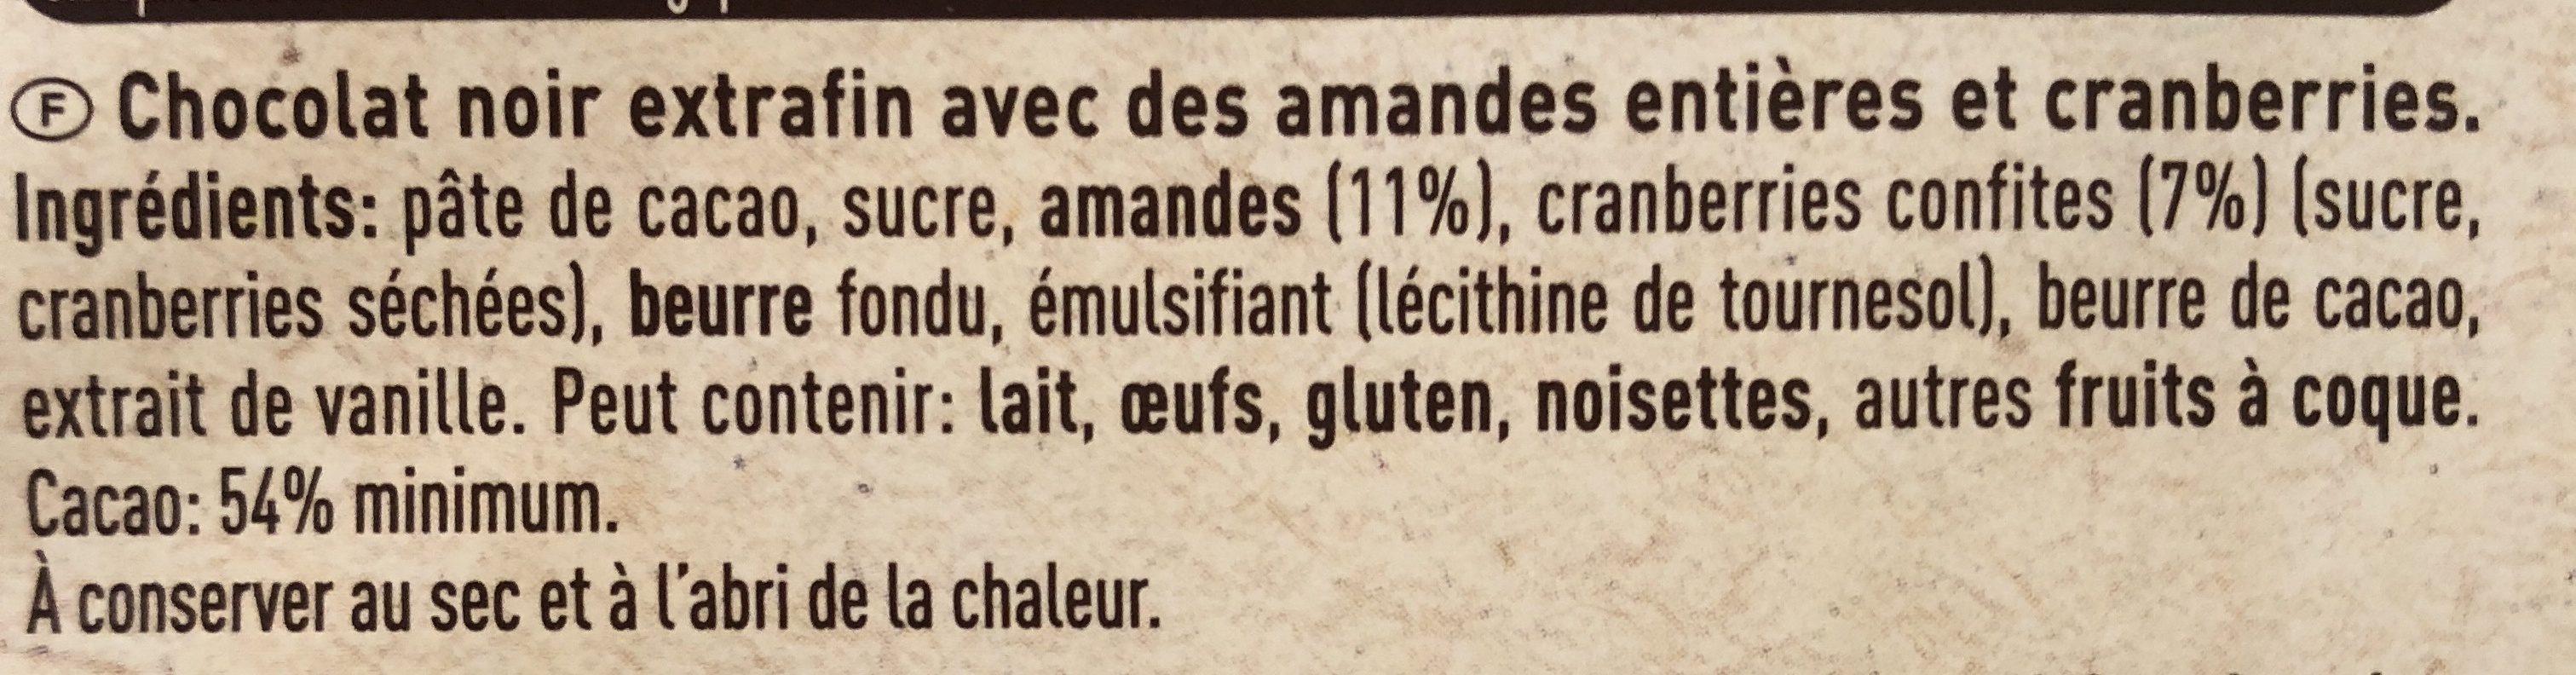 Chocolat noir extrafin avec des amandes entières et cranberries - Ingredienti - fr